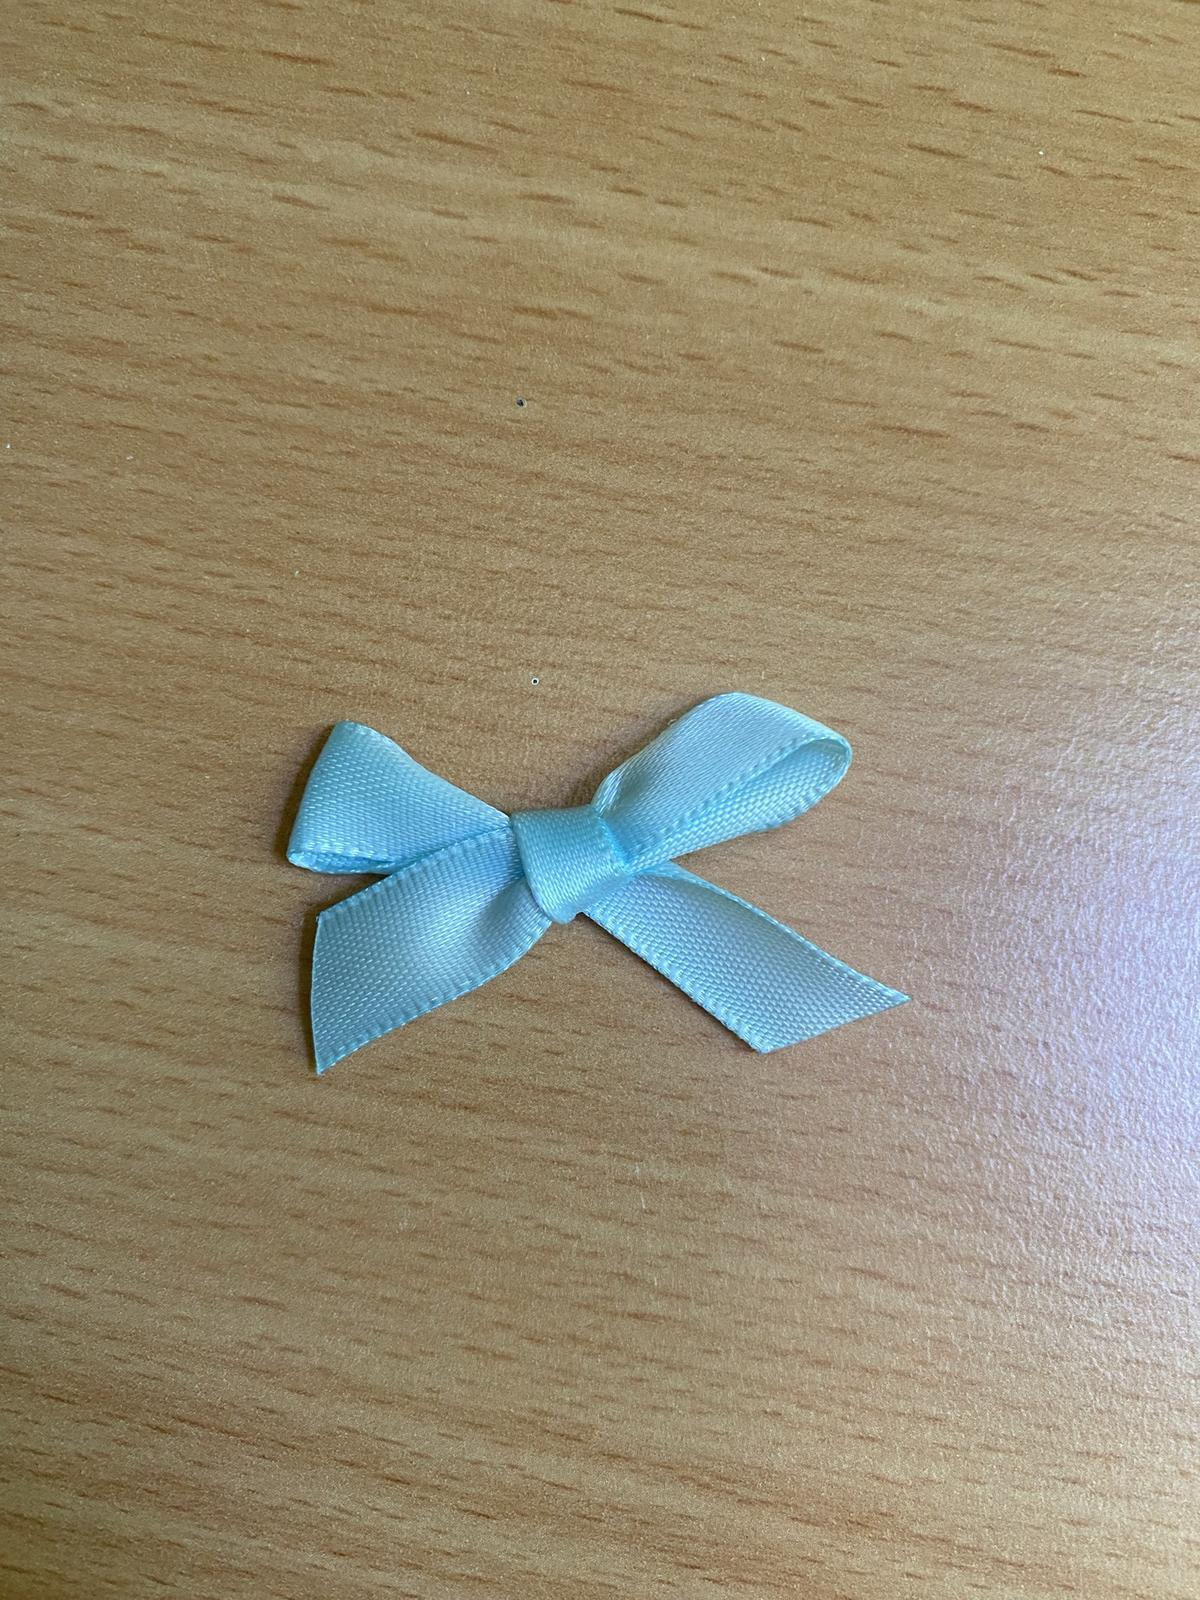 34 ks světle modrých mašliček na svatební vývazky - Obrázek č. 1